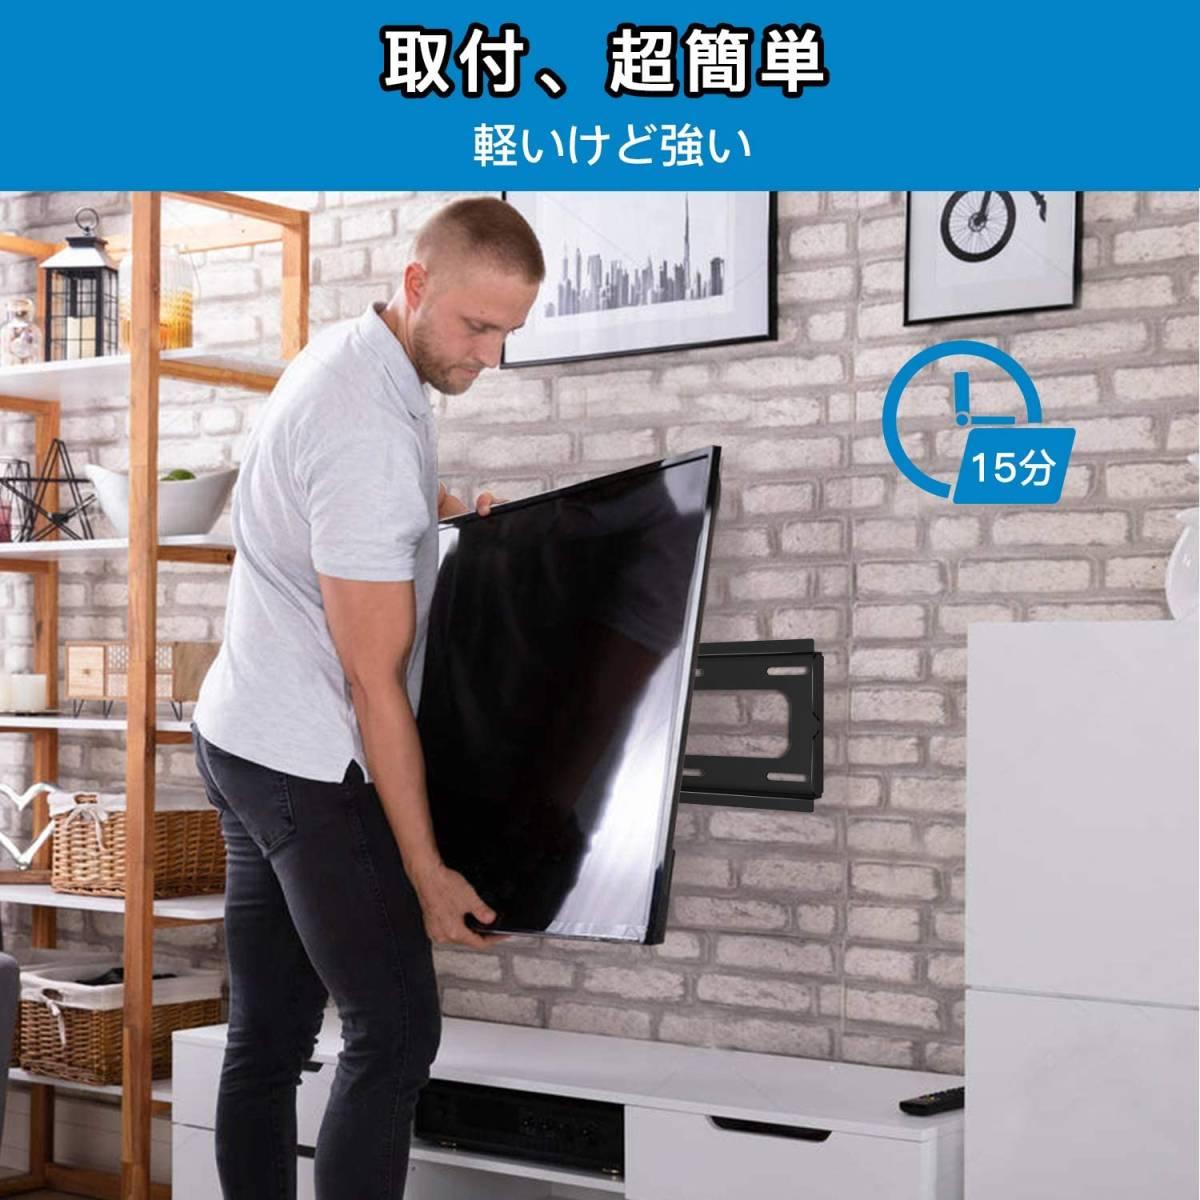 PERLESMITH テレビ壁掛け金具 26-55インチ対応 耐荷重60kg LCD LED 液晶テレビ用 ティルト±10度 VESA400x400mm (ブラック)_画像5